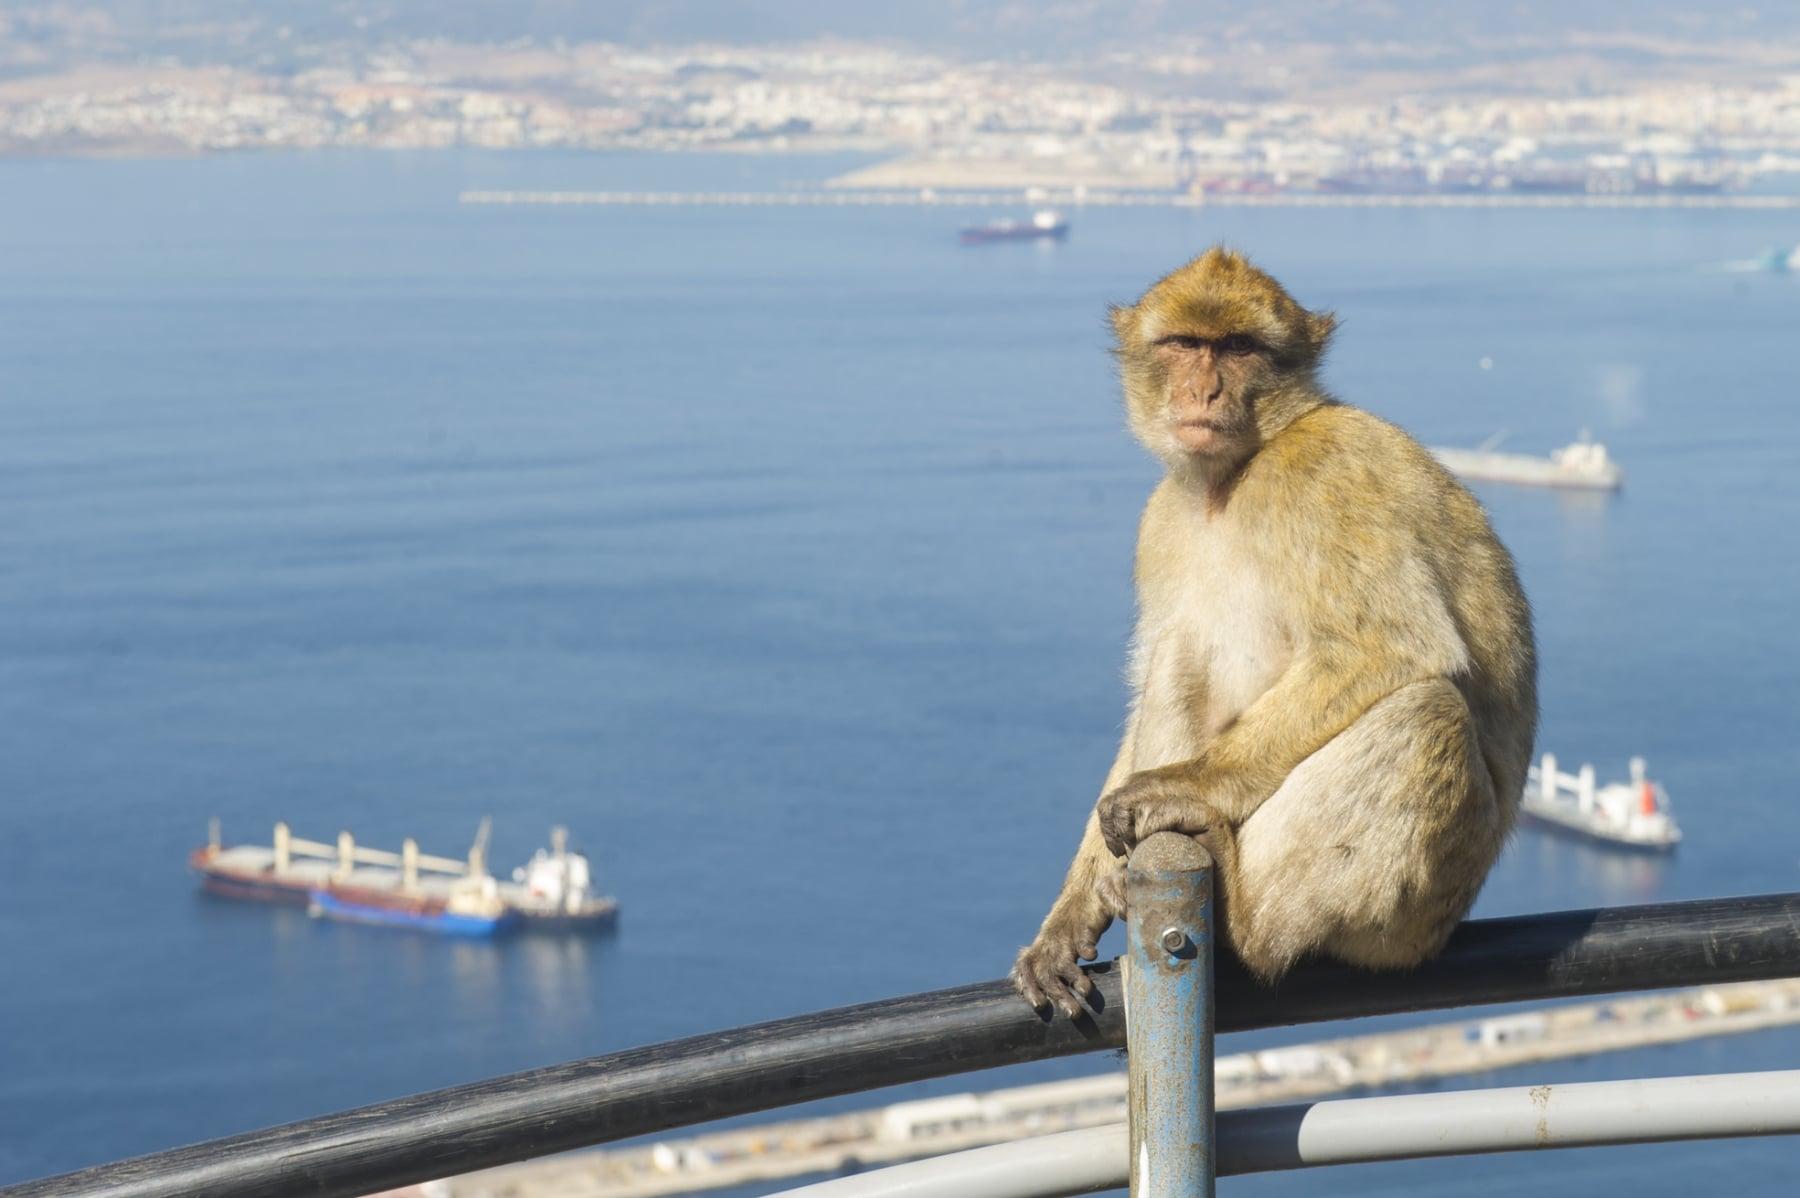 turismo-en-gibraltar-092015-221_22124236103_o